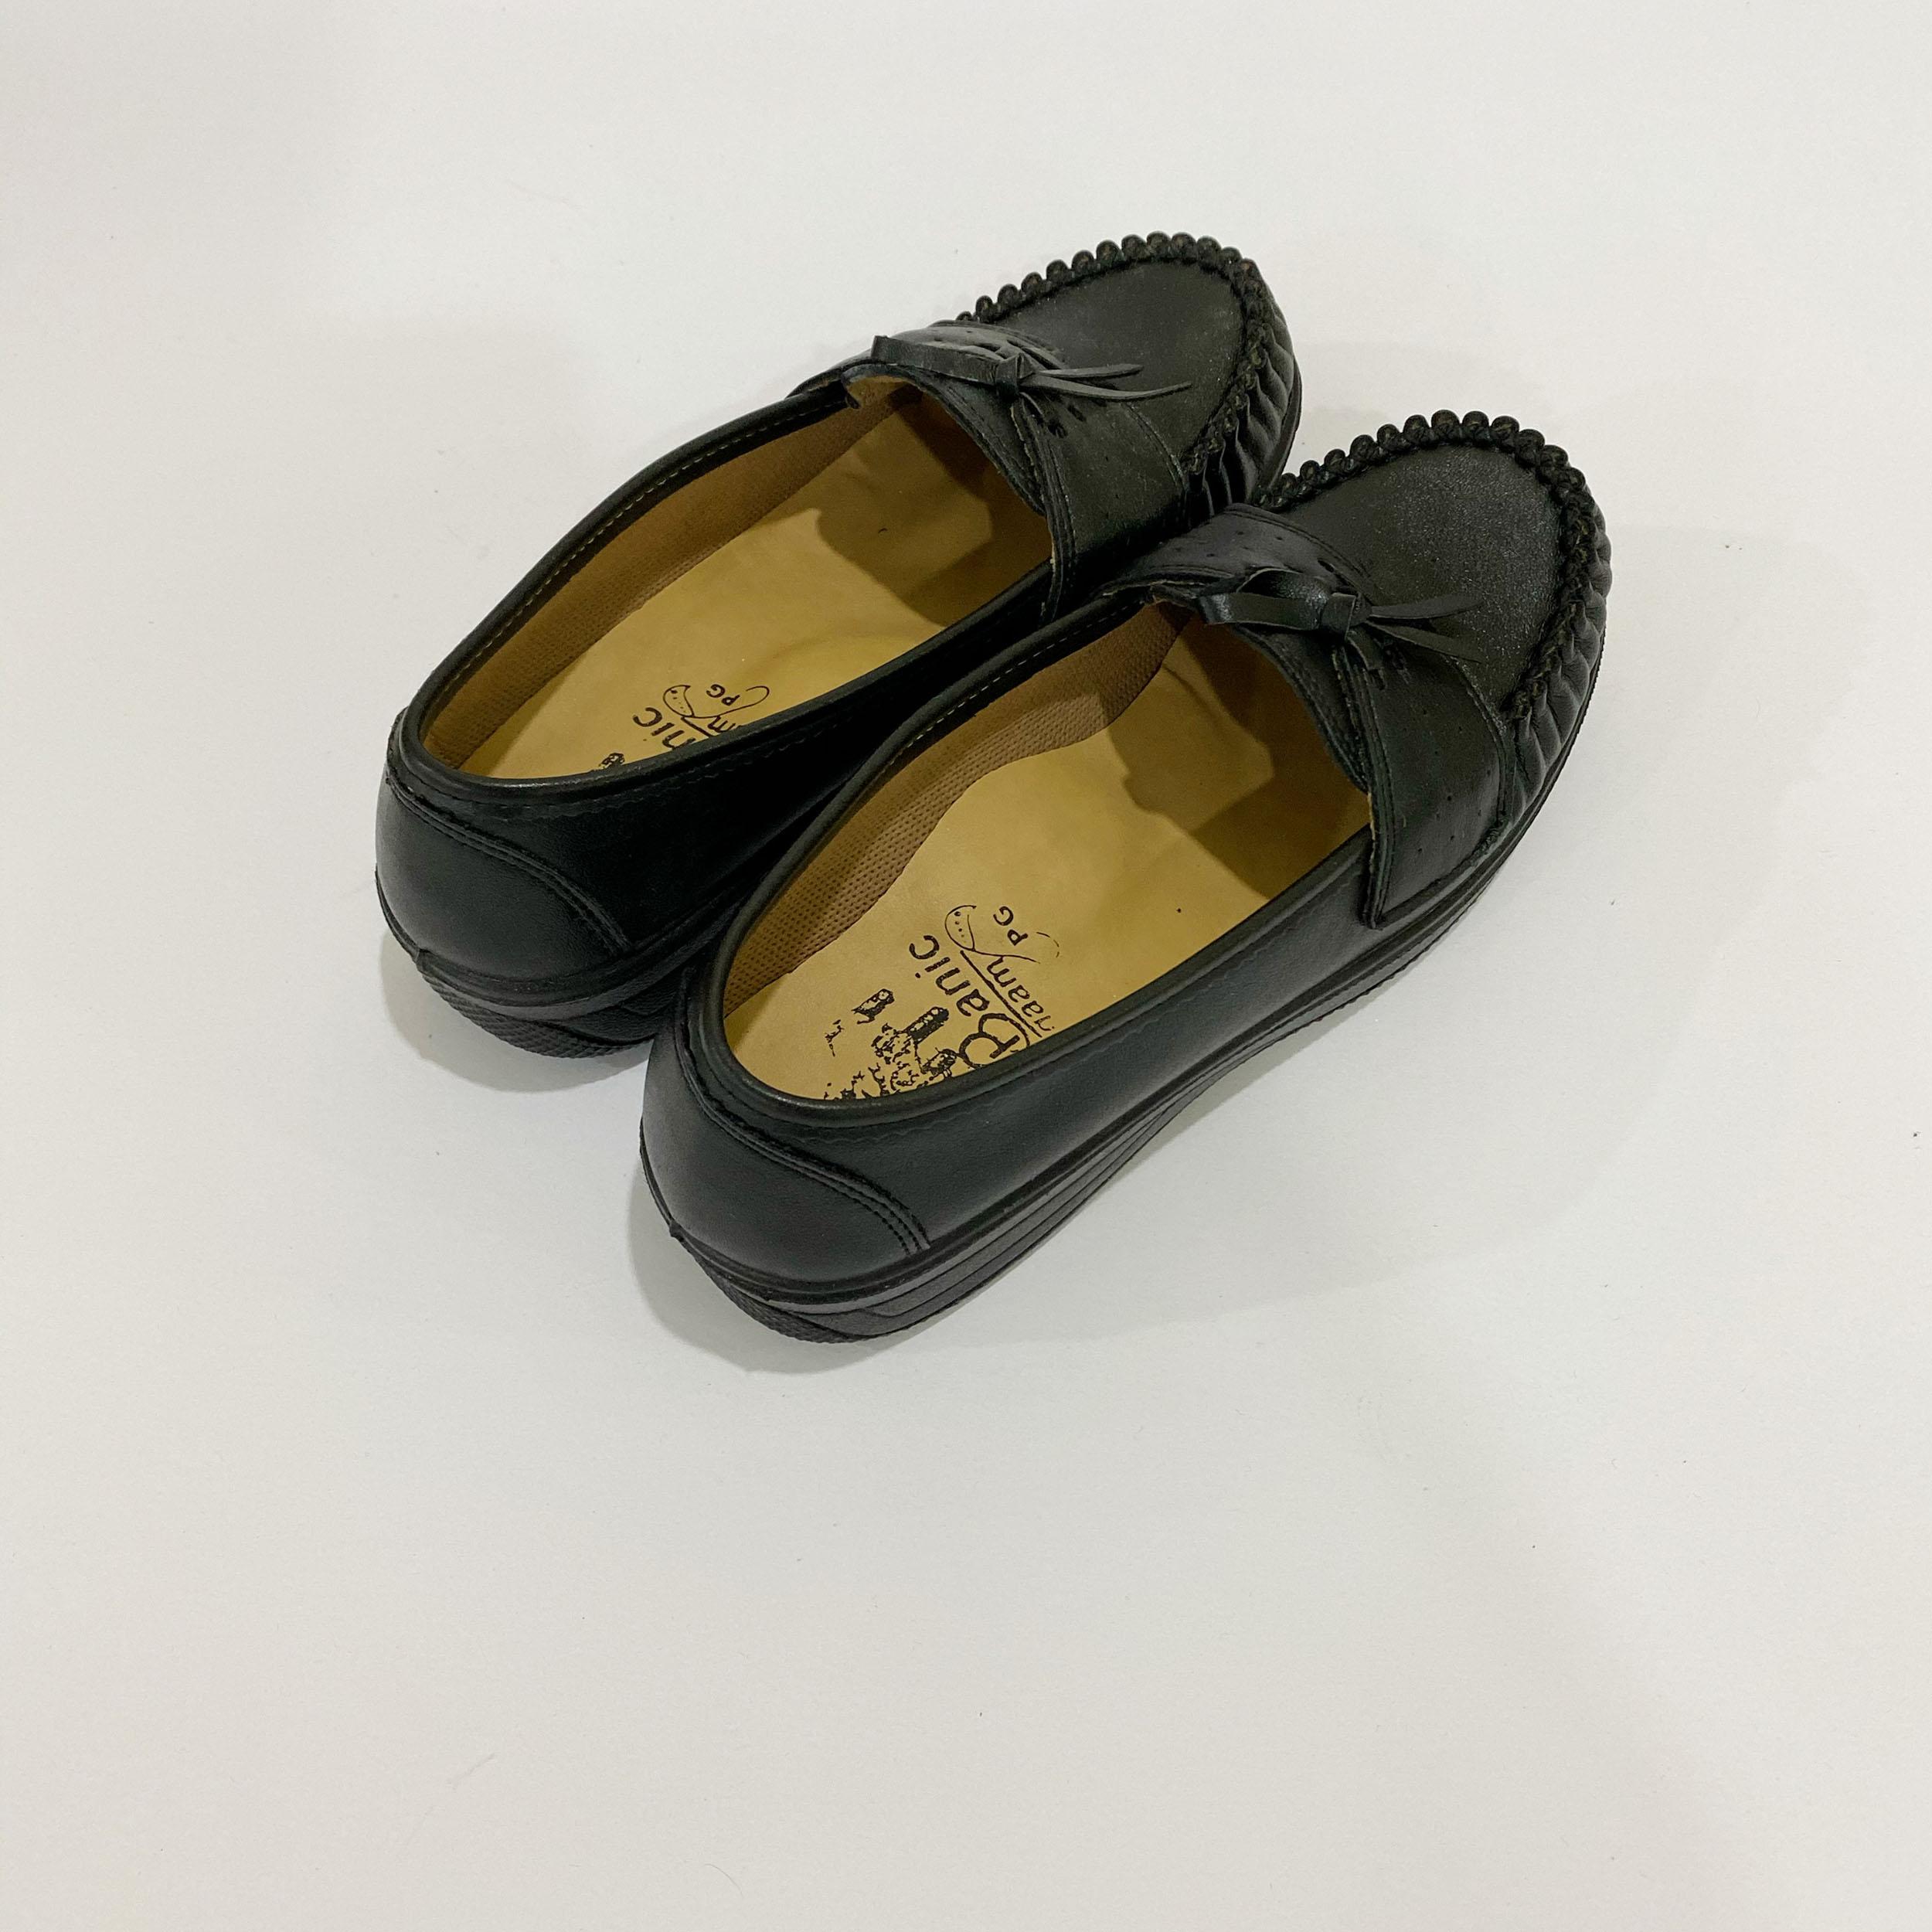 کفش روزمره زنانه مدل P1-anik-BK